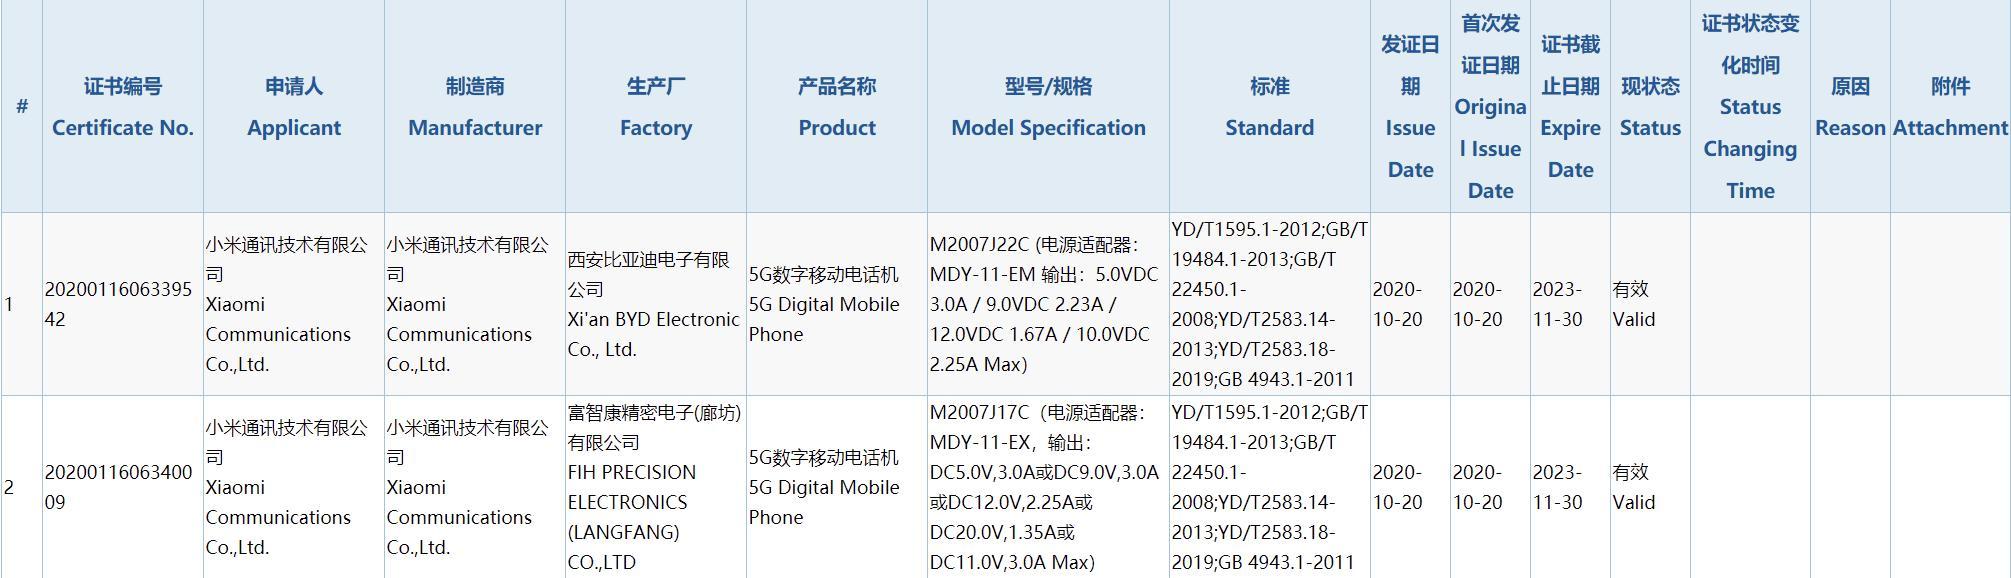 「科技V报」iPhone12蓝色拆解视频曝光;华为Mate40系列发布前爆料汇总-20201022-VDGER